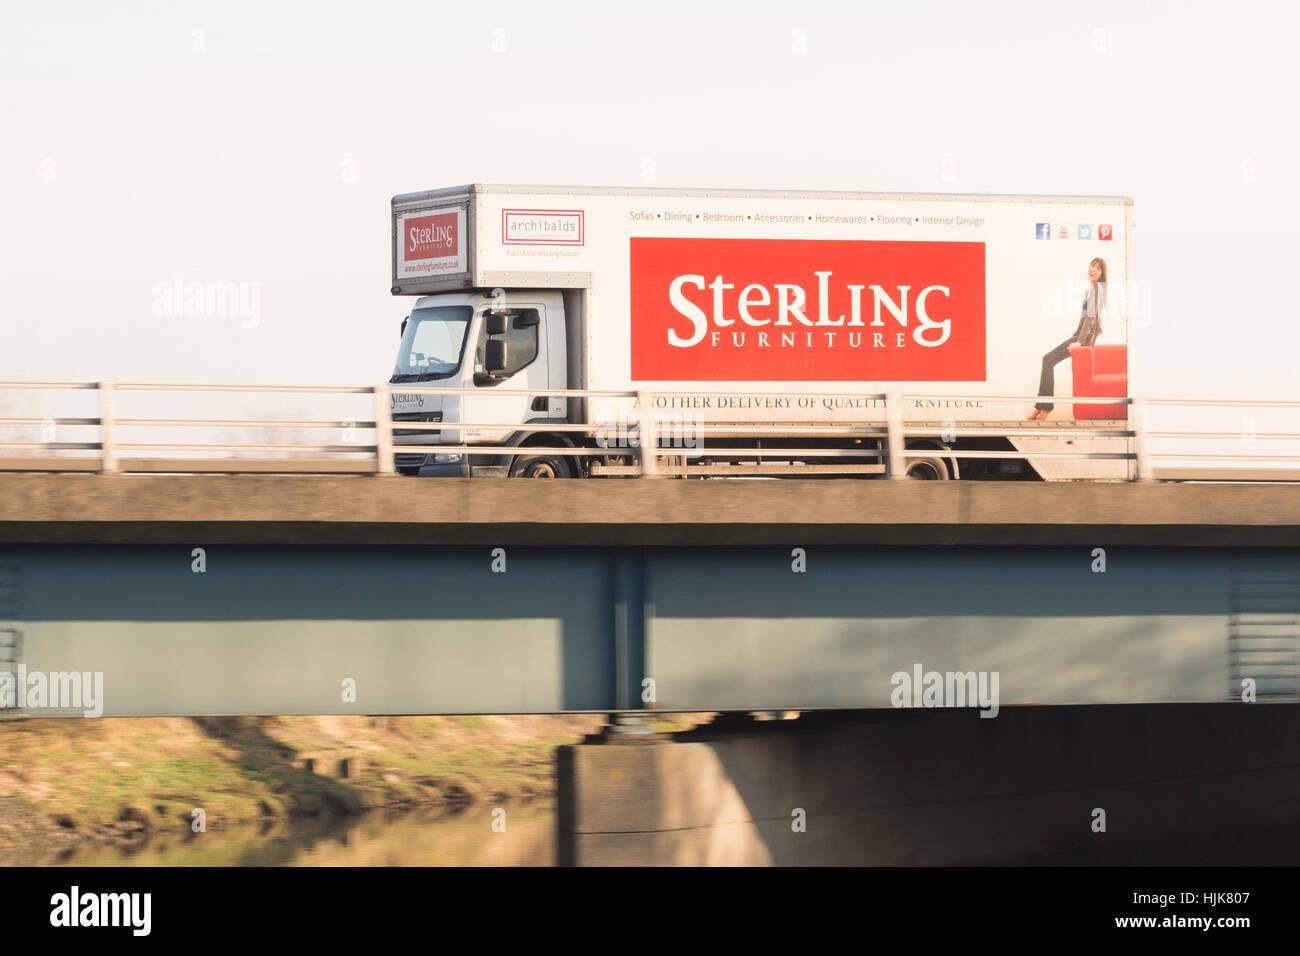 Schottische Möbel sterling möbel lieferung schottland uk stockfoto bild